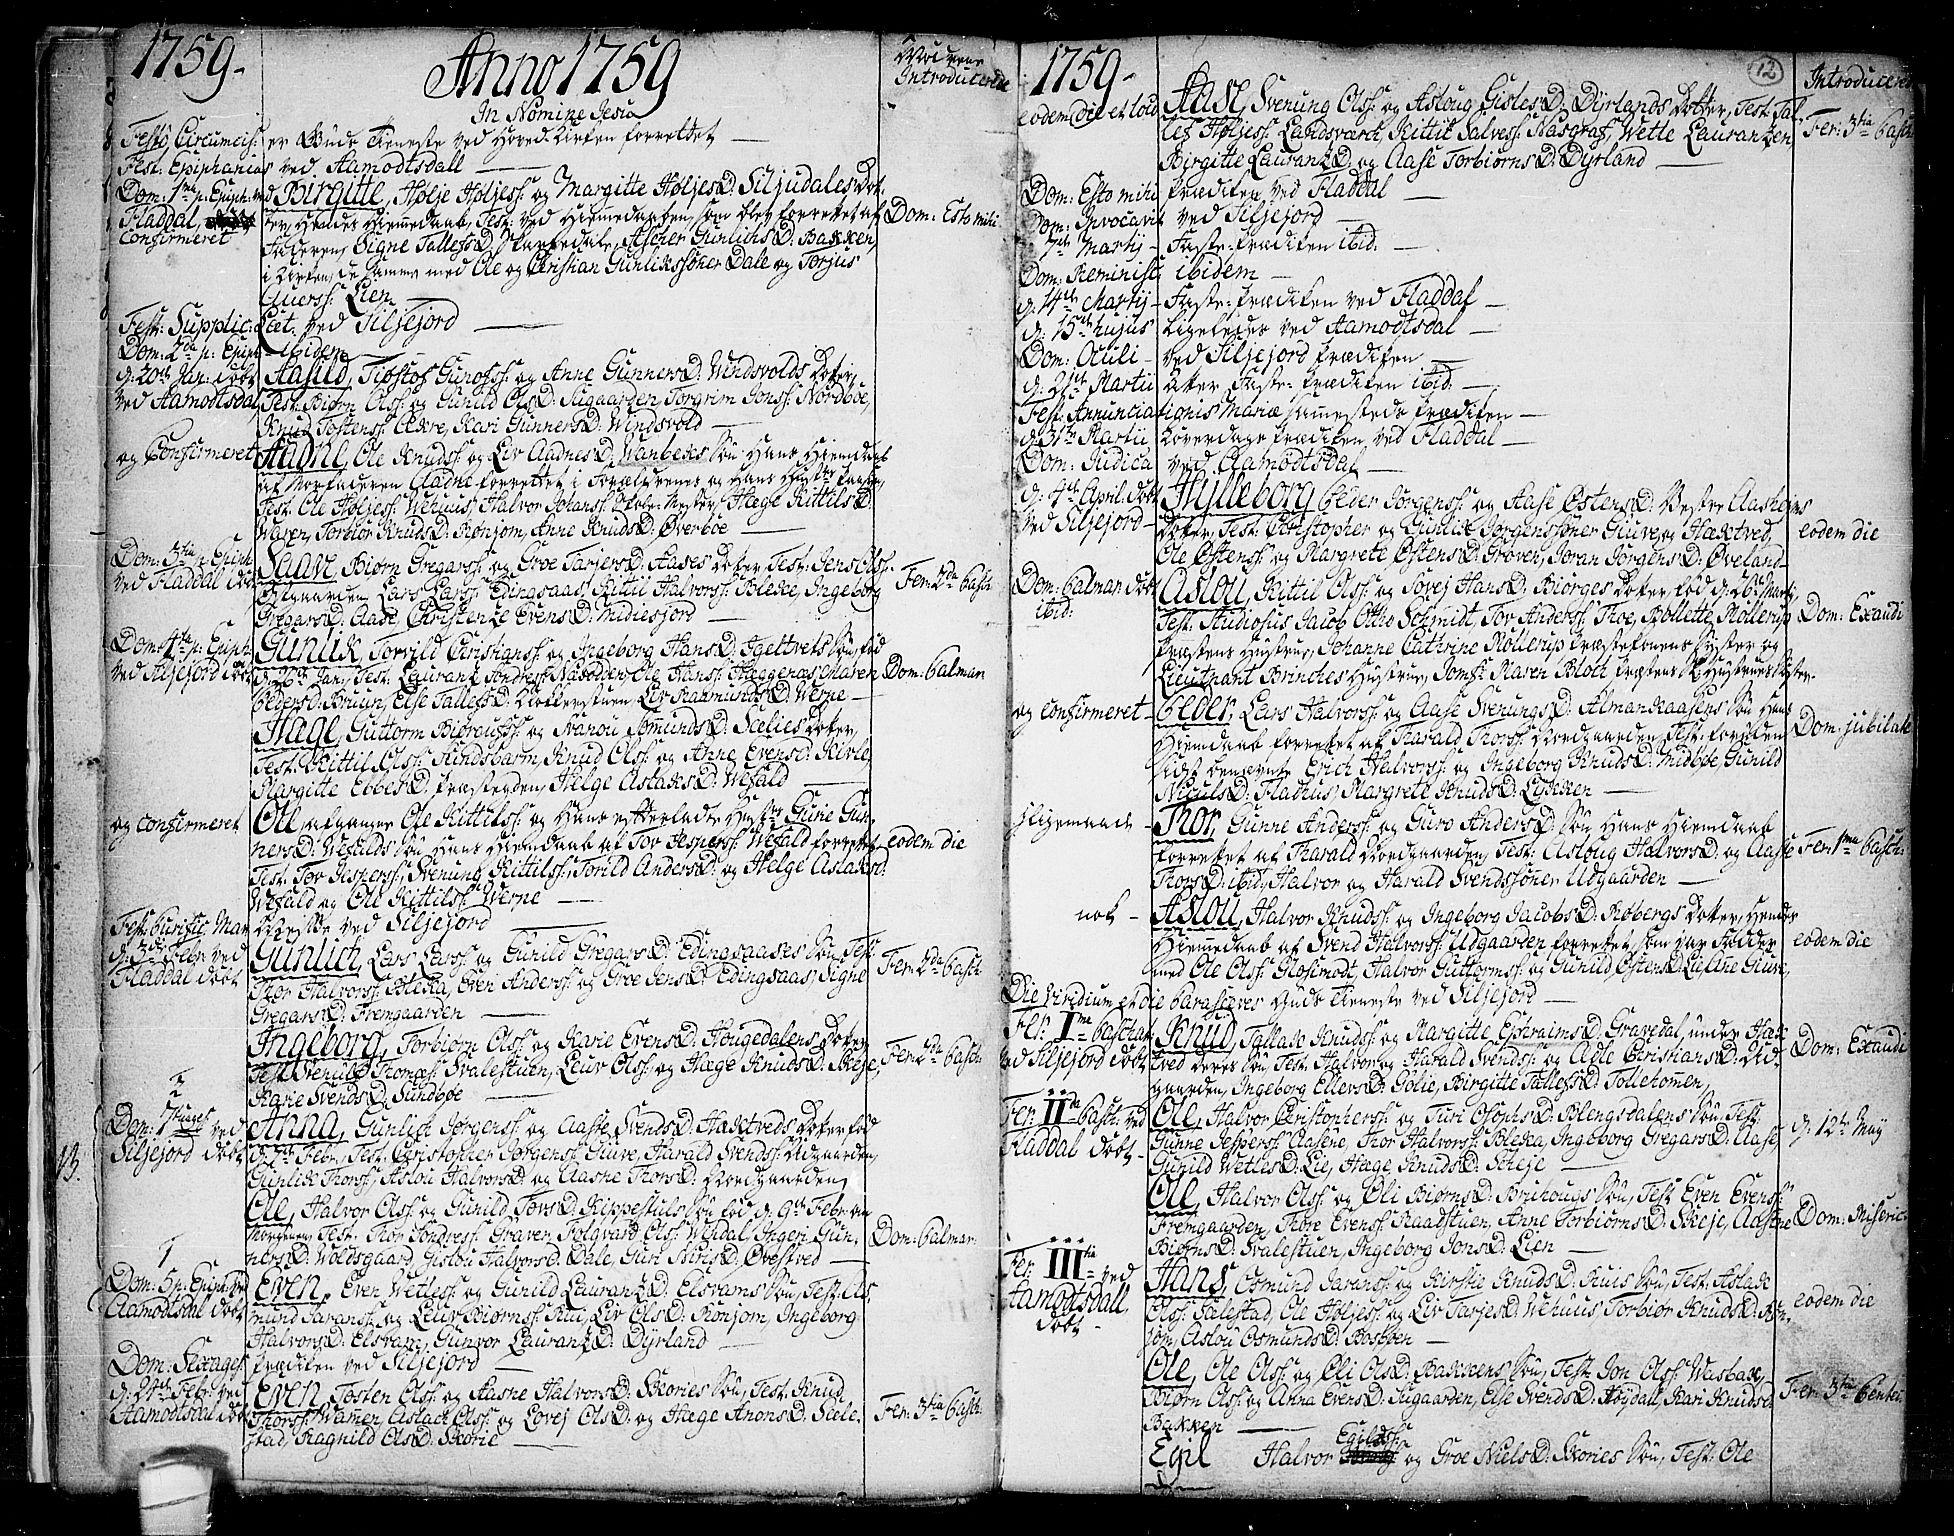 SAKO, Seljord kirkebøker, F/Fa/L0007: Ministerialbok nr. I 7, 1755-1800, s. 12